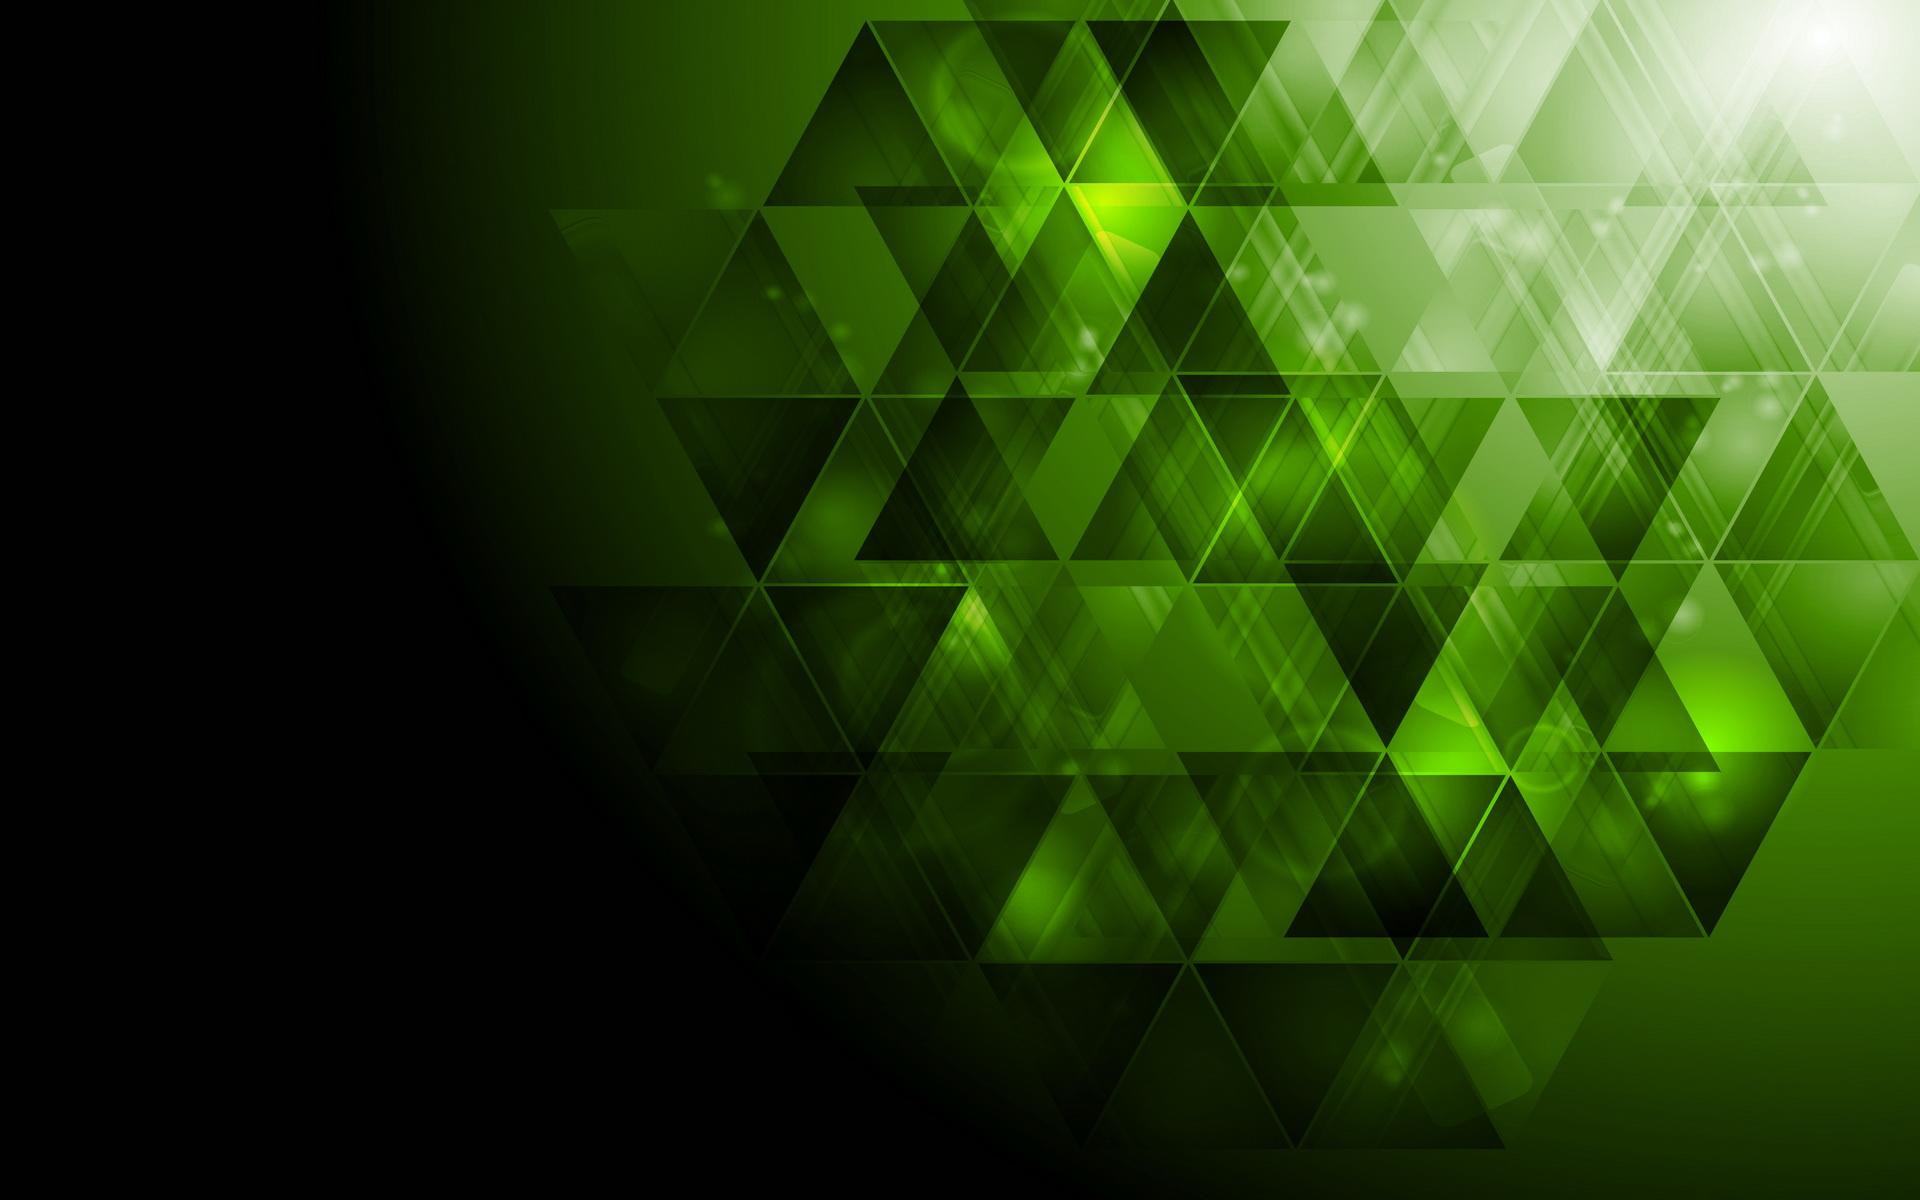 Abstract Hd Widescreen Desktop Backgrounds